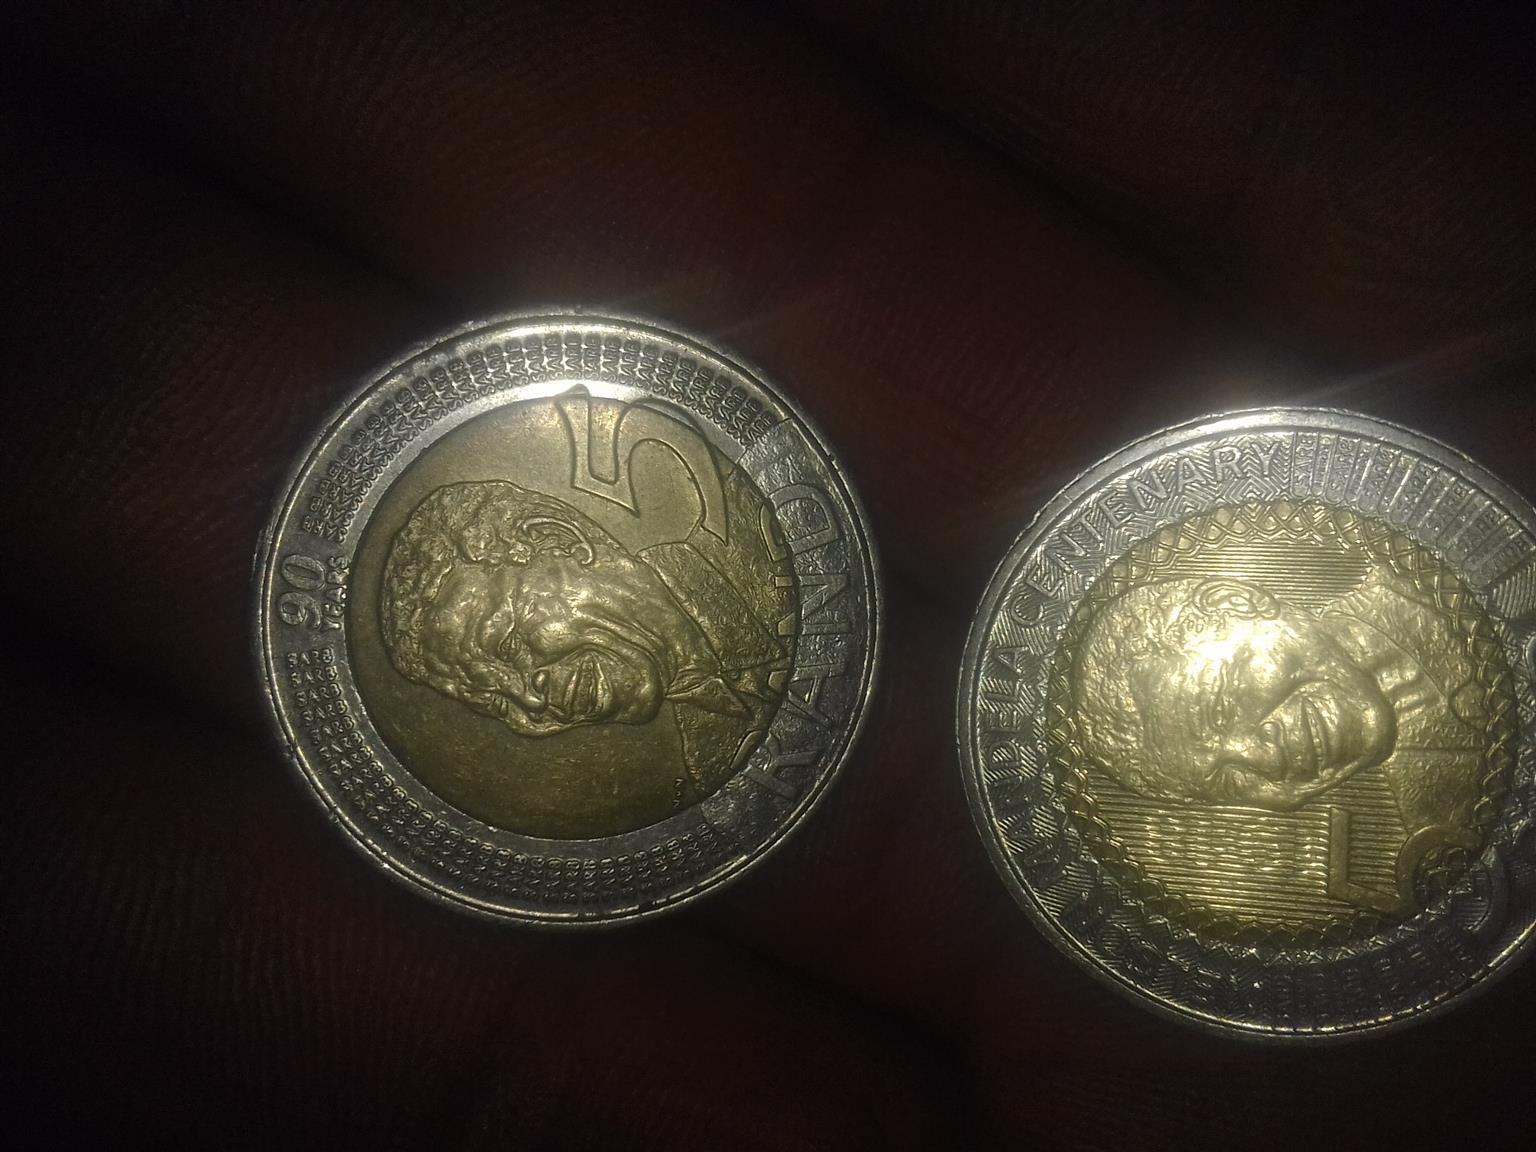 nelson mandela R5 coin